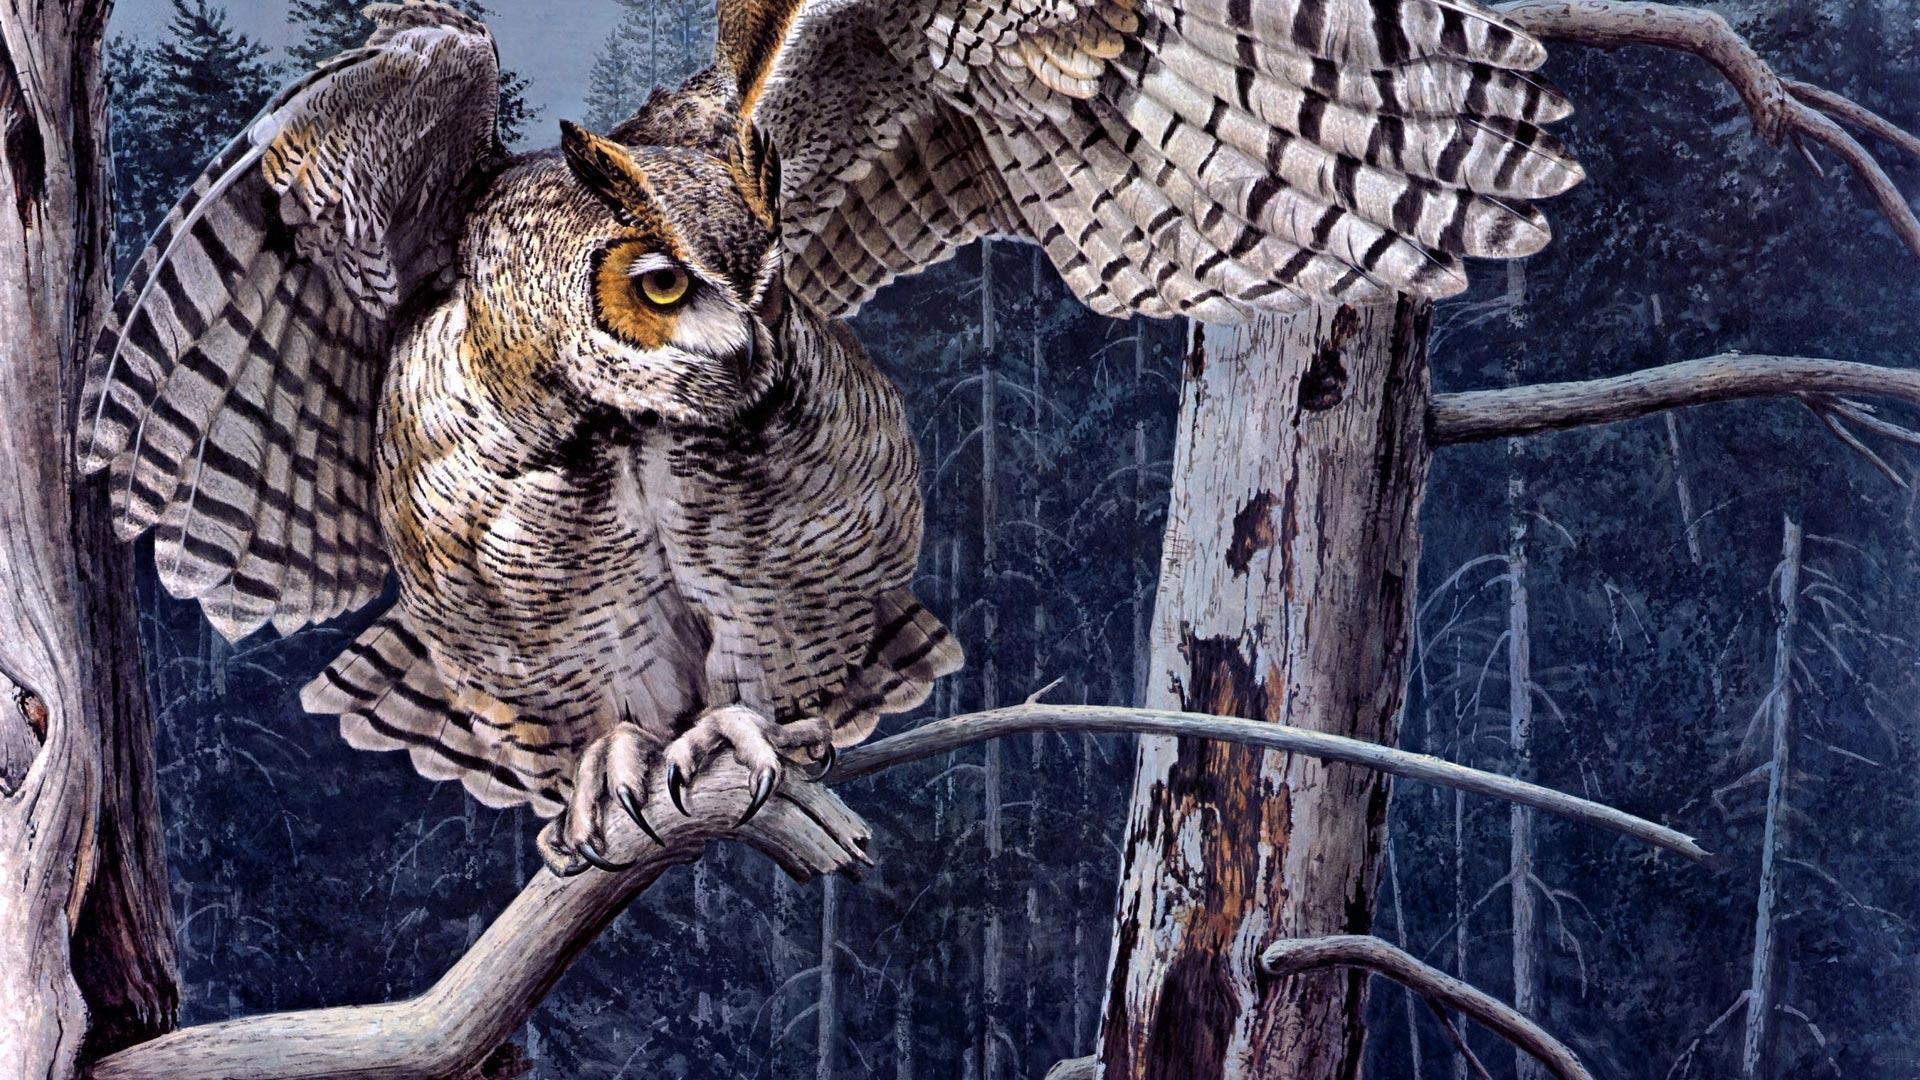 Обои Сова с раскрытыми крыльями, картинки - Обои для ...